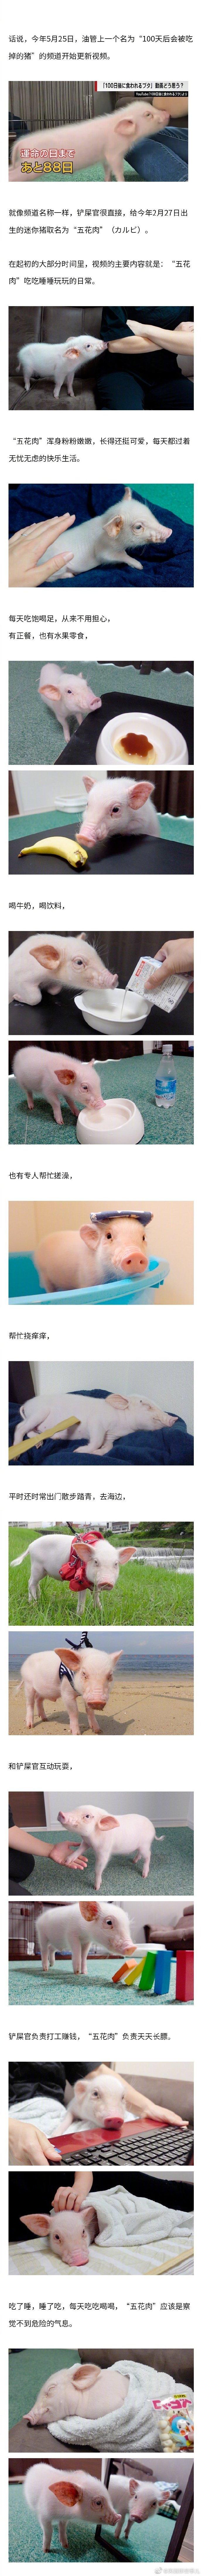 """""""100 天后会被吃掉的猪"""" 迎大结局,宠物猪真的被吃掉了?"""